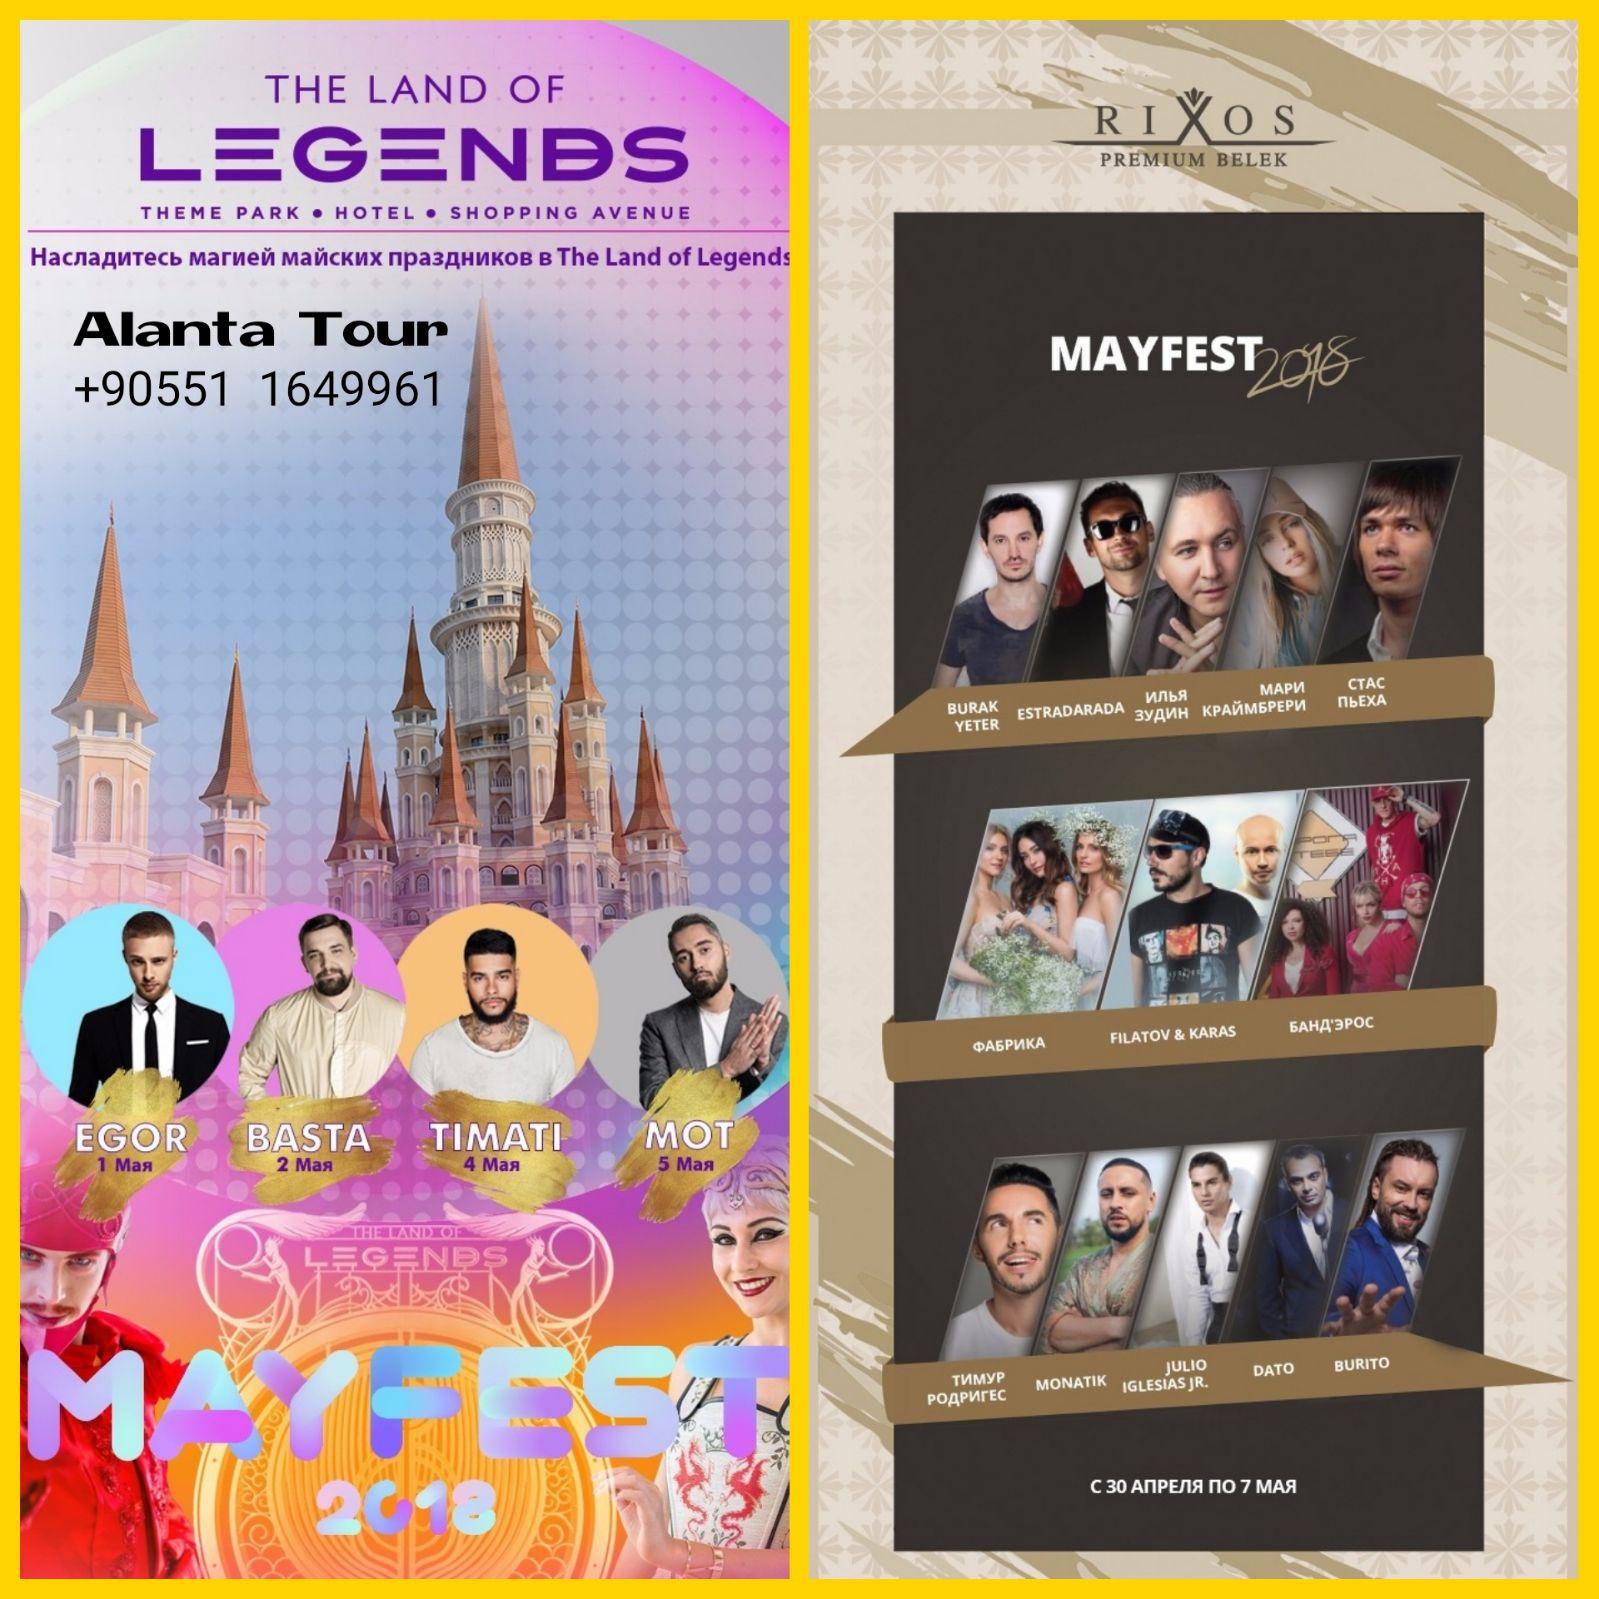 Rixos May Festival 2018: звездная неделя на майские праздники